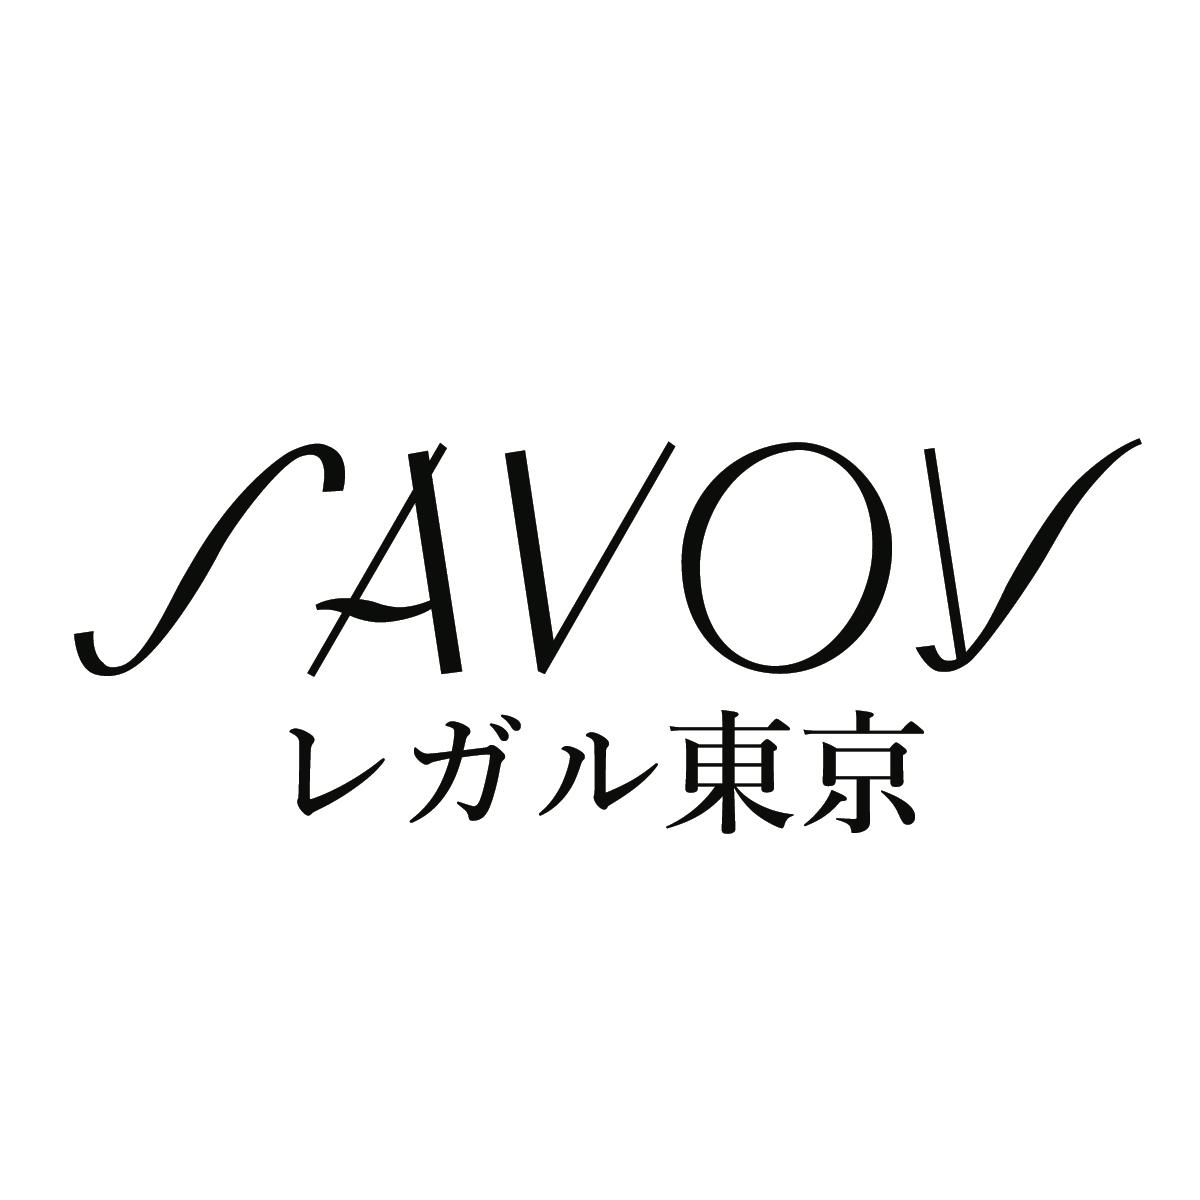 SAVOY의 PIZZA는 두 종류